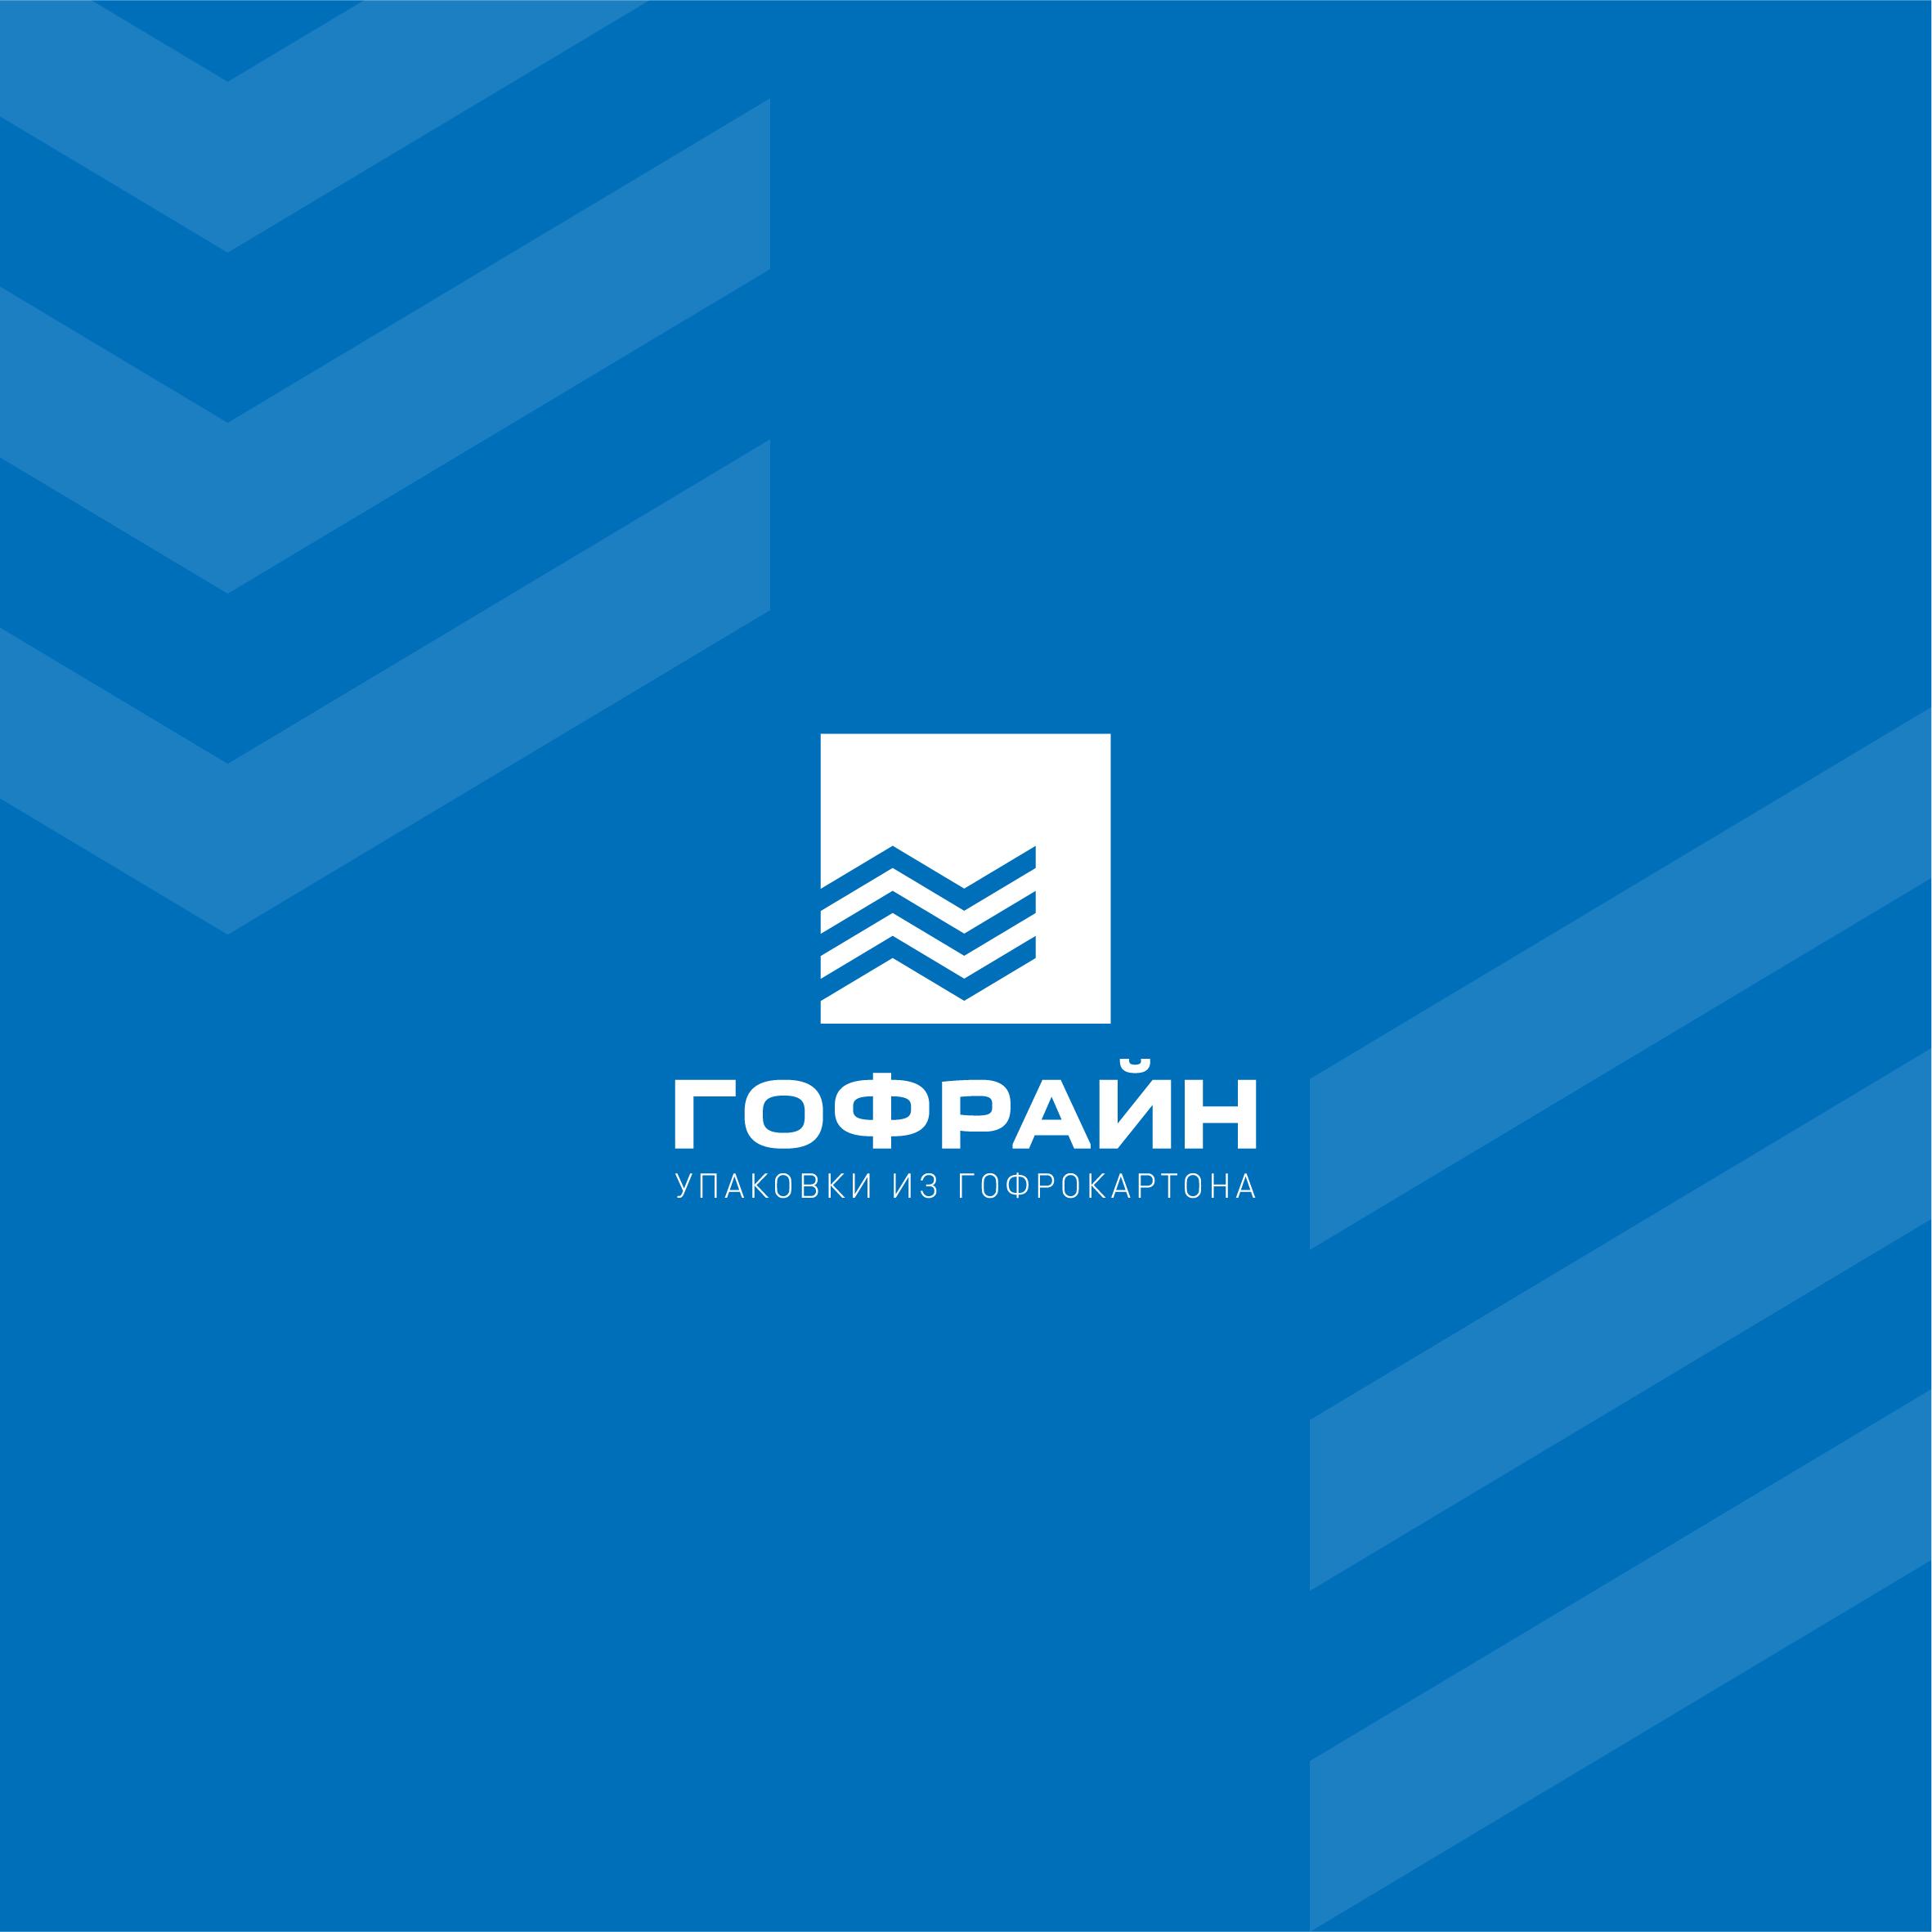 Логотип для компании по реализации упаковки из гофрокартона фото f_4515cde74163100a.jpg